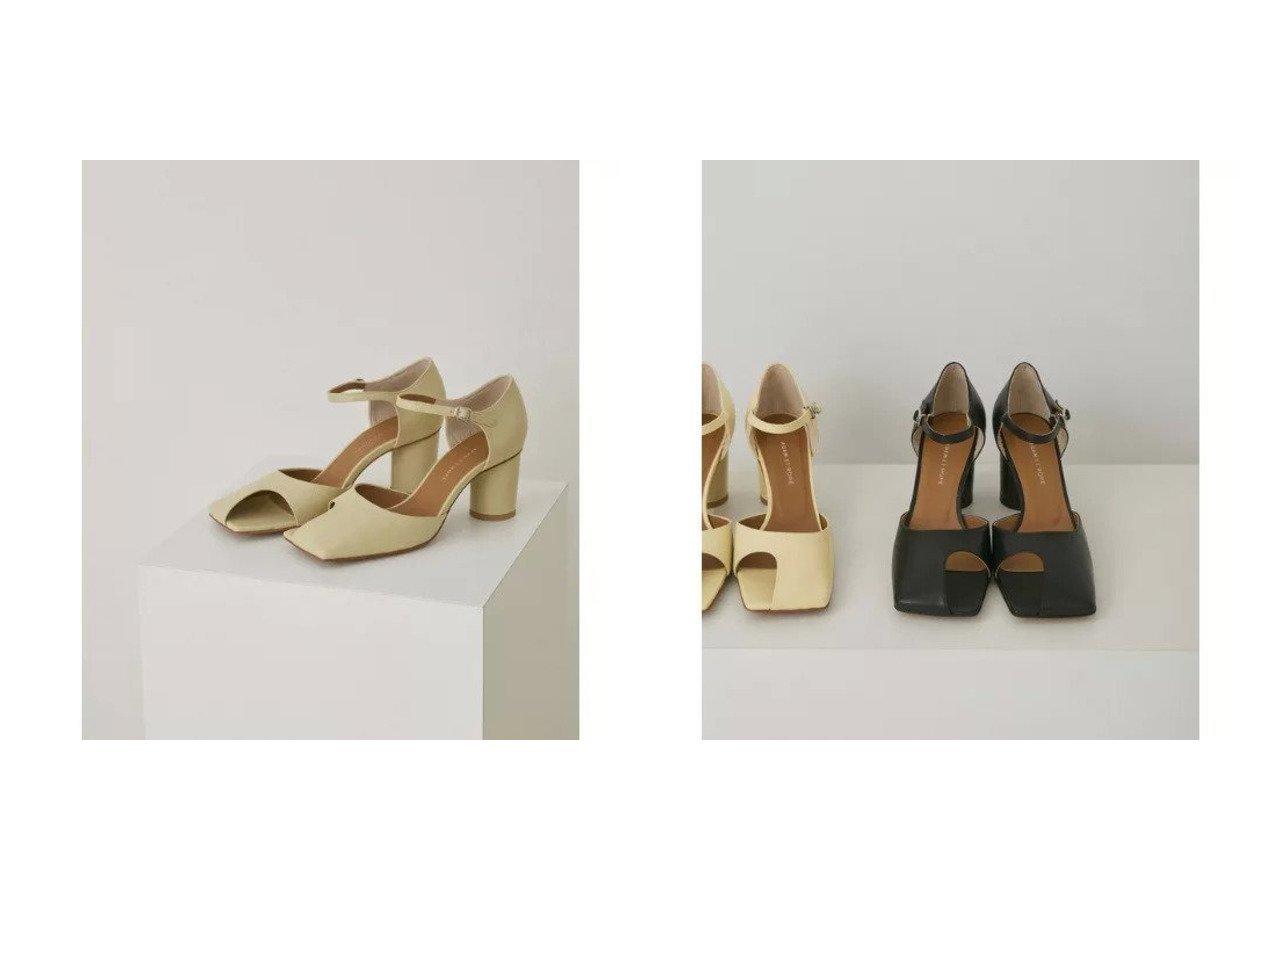 【ADAM ET ROPE'/アダム エ ロペ】のカットアウトスクエアサンダル シューズ・靴のおすすめ!人気、トレンド・レディースファッションの通販 おすすめで人気の流行・トレンド、ファッションの通販商品 メンズファッション・キッズファッション・インテリア・家具・レディースファッション・服の通販 founy(ファニー) https://founy.com/ ファッション Fashion レディースファッション WOMEN サンダル シューズ ベーシック ラップ 今季 定番 Standard  ID:crp329100000024759